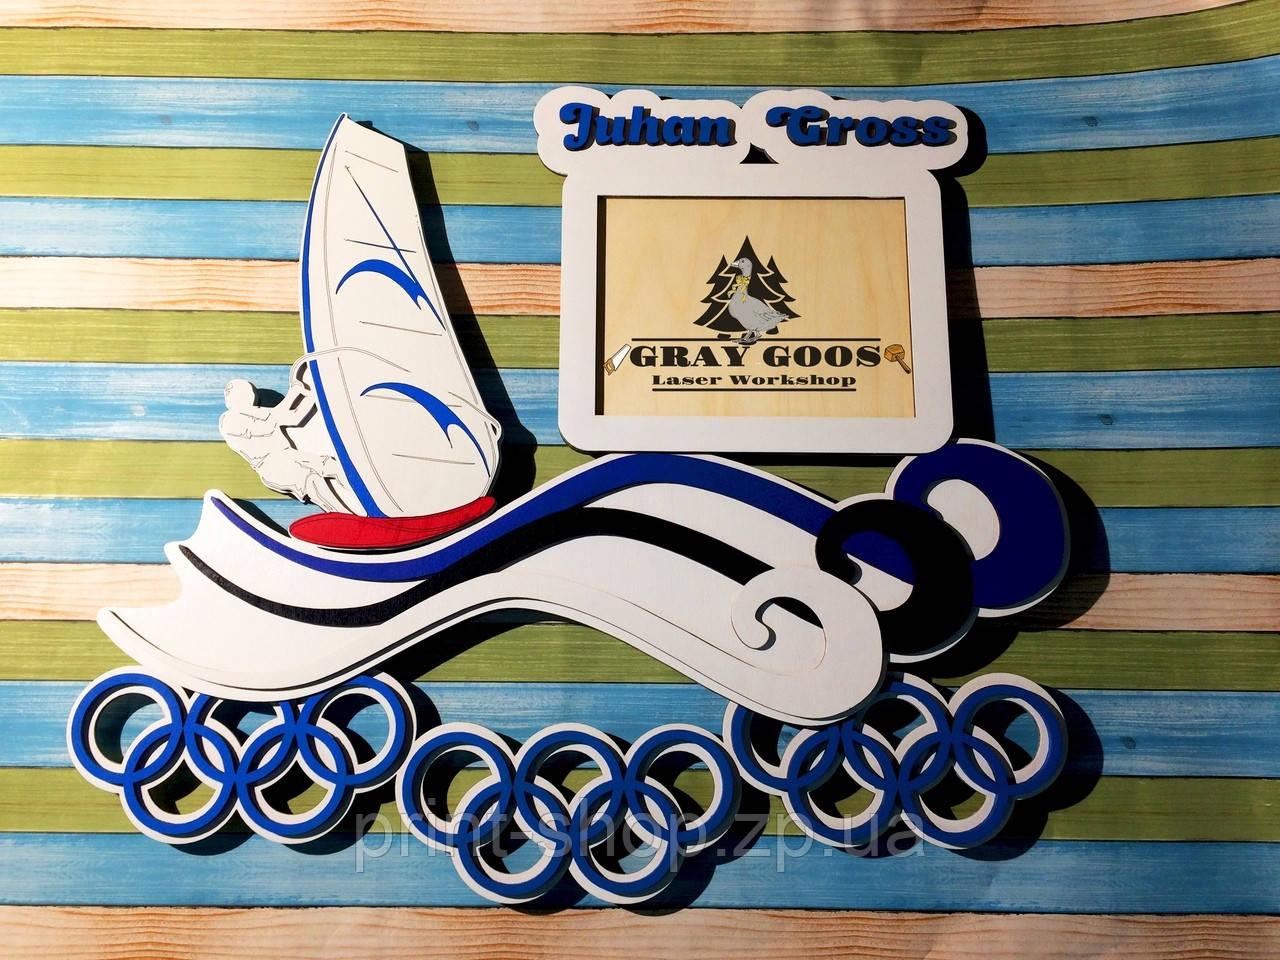 Медальница цветная с фото. Холдер для медалейю  Вин серфинг